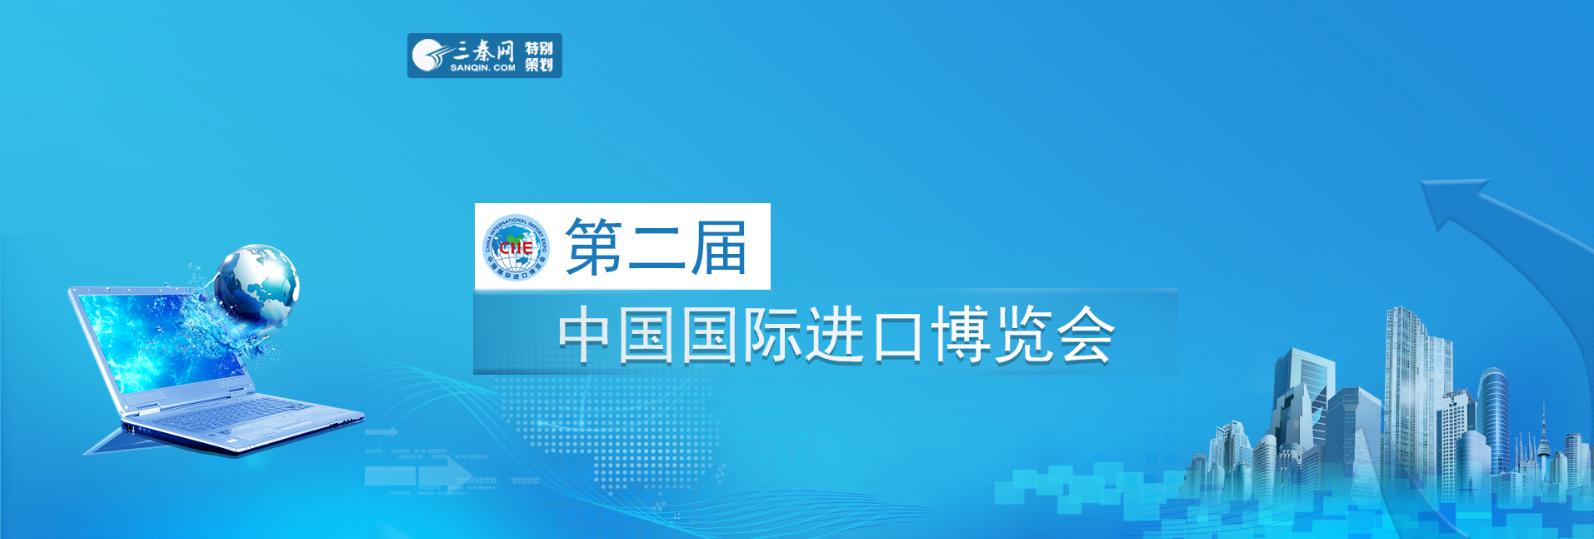 第二届中国国际进口博览会